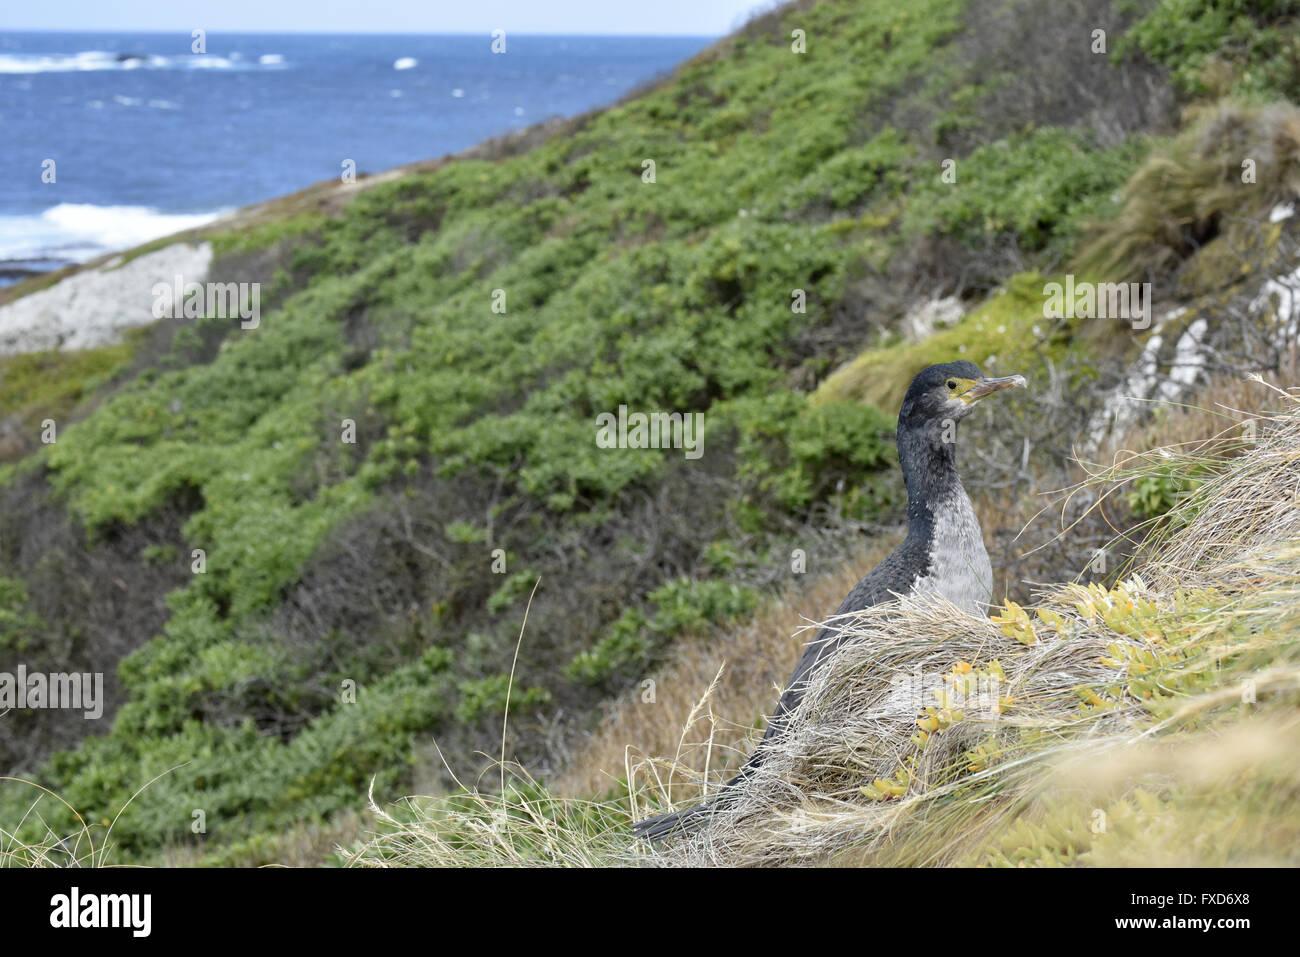 Pitt Island Shag - Stictocarbo featherstoni - Stock Image